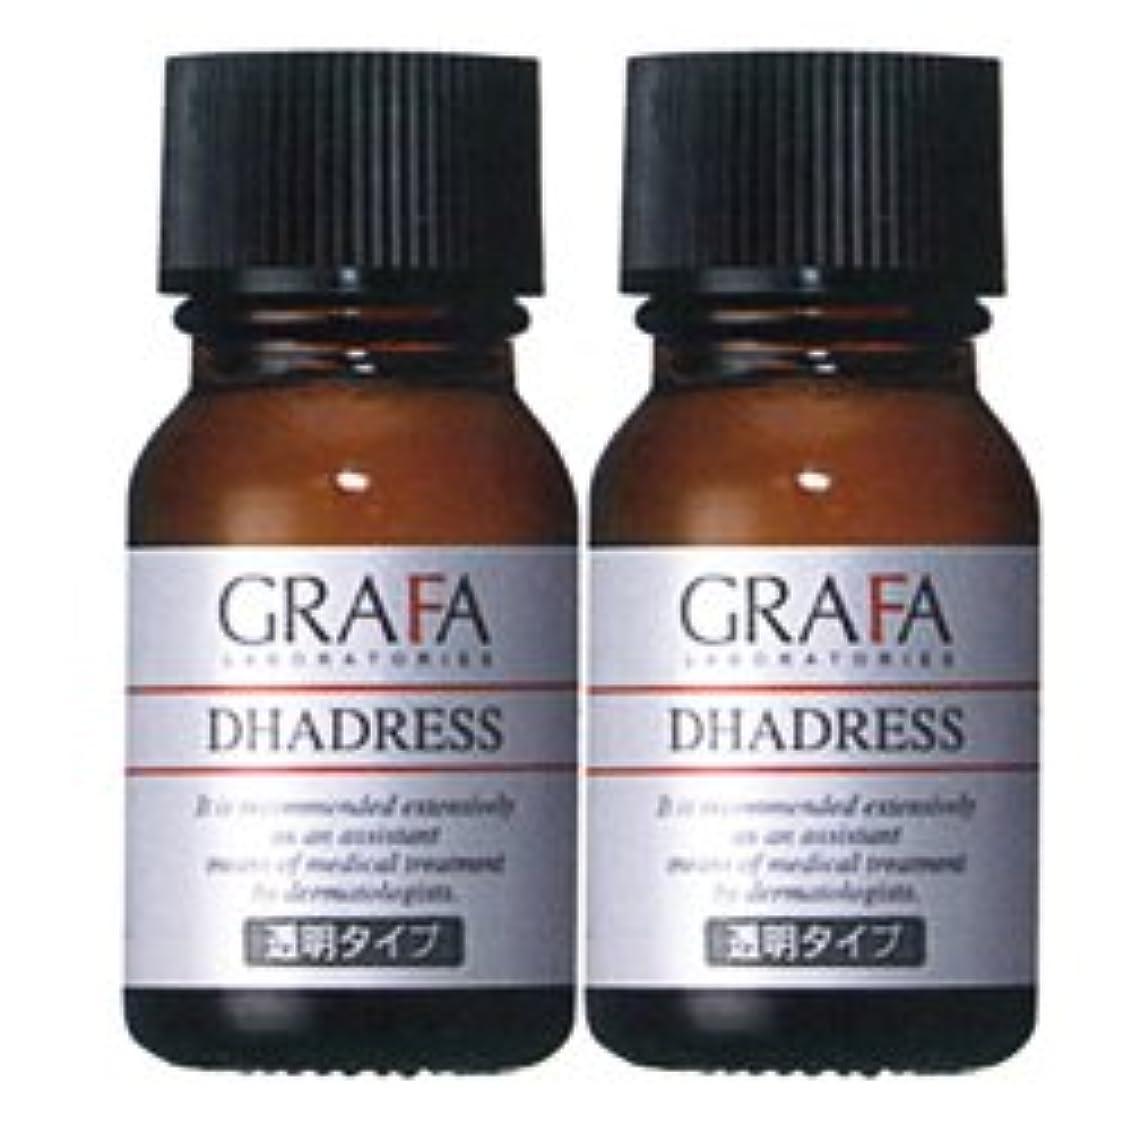 テーブルを設定する確立します書士グラファ ダドレス (透明タイプ) 11mL 着色用化粧水 GRAFA DHADRESS